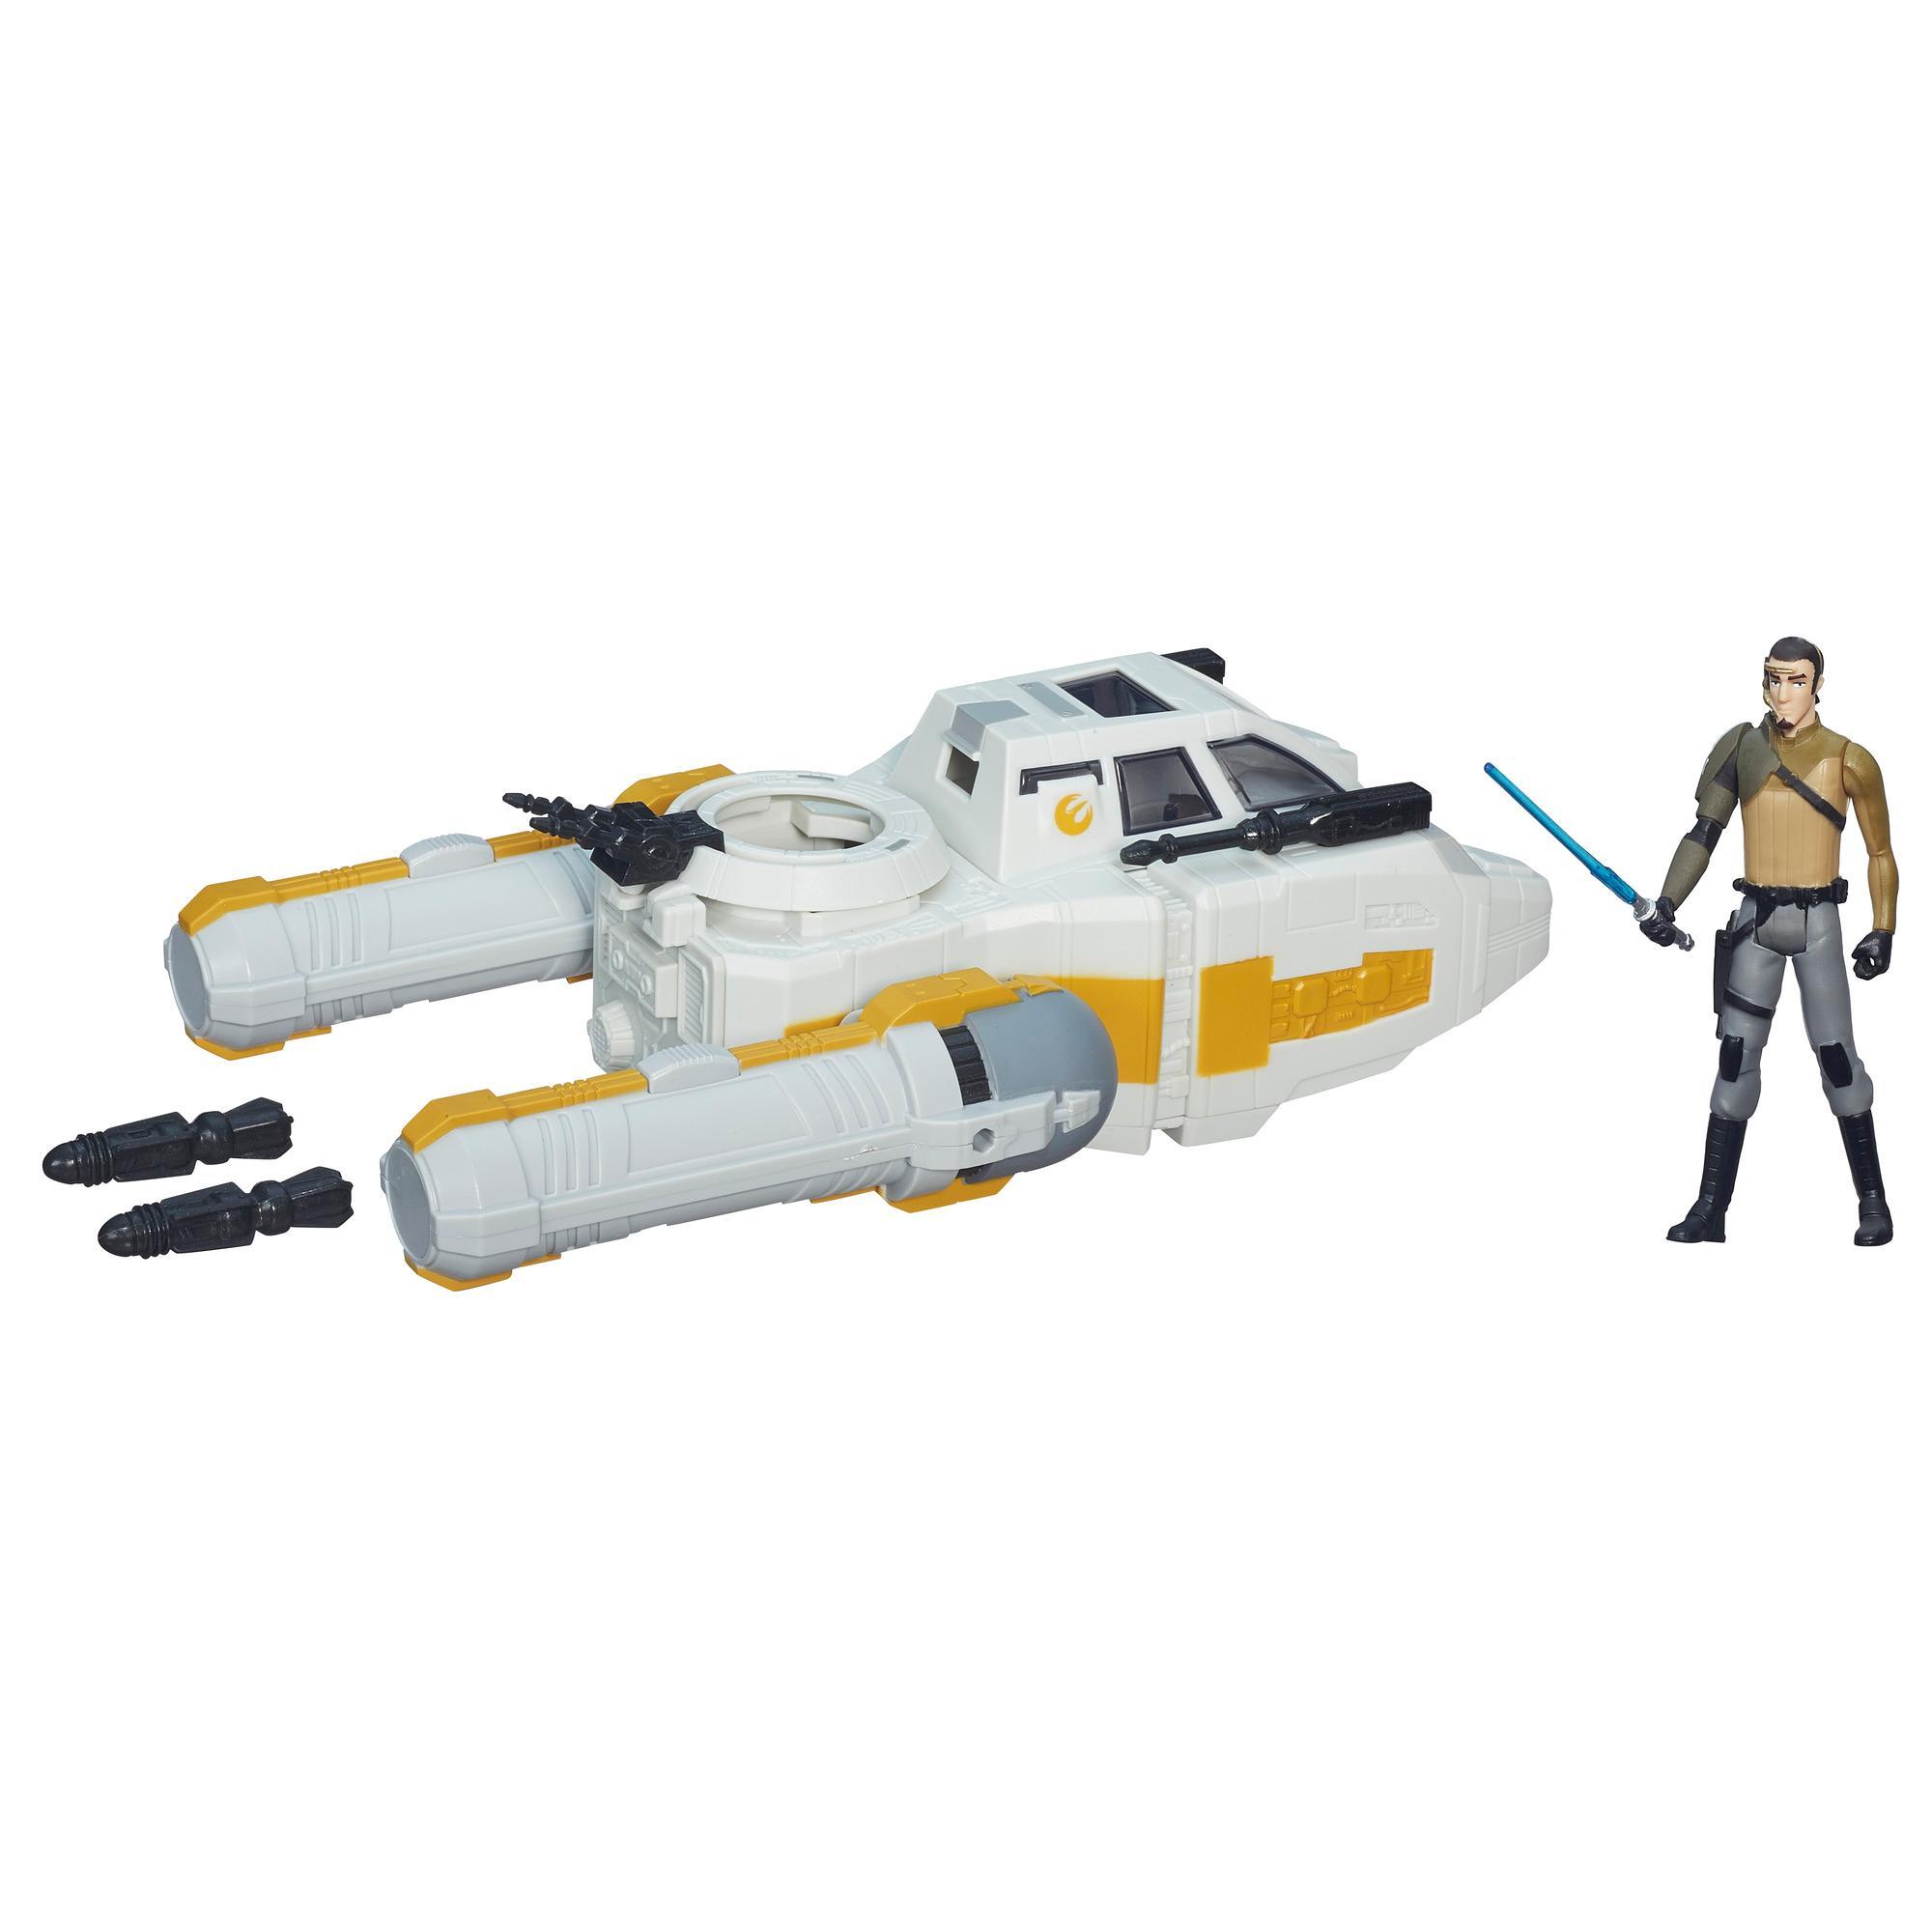 Star Wars Rebeldes Veículo Y- Wing Scout Bomber de 9,5 cm